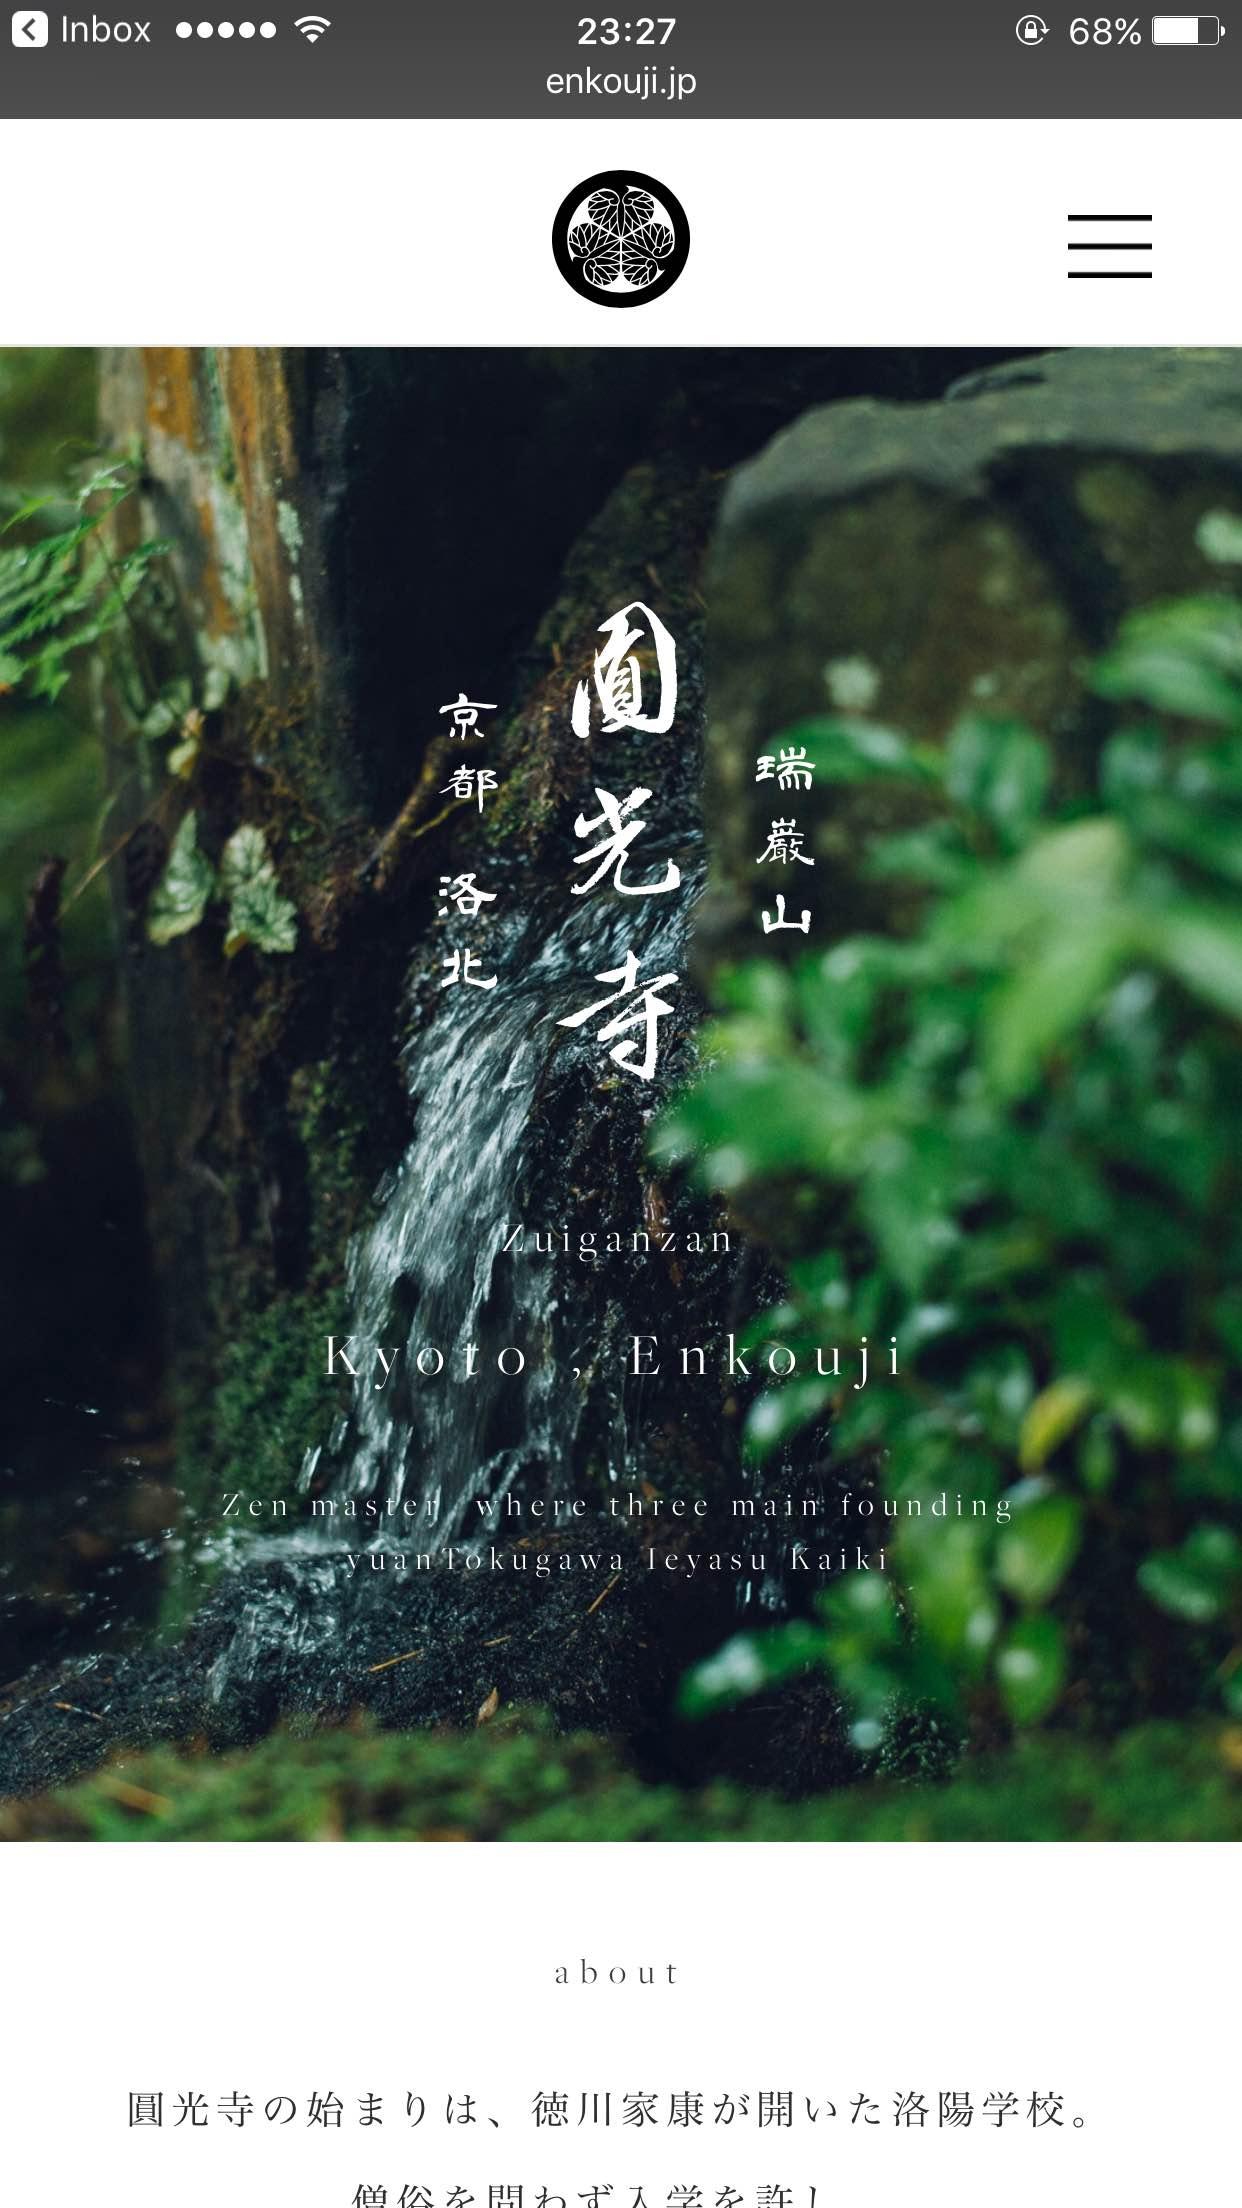 瑞巌山 圓光寺 | Zuiganzan Enkouji Temple